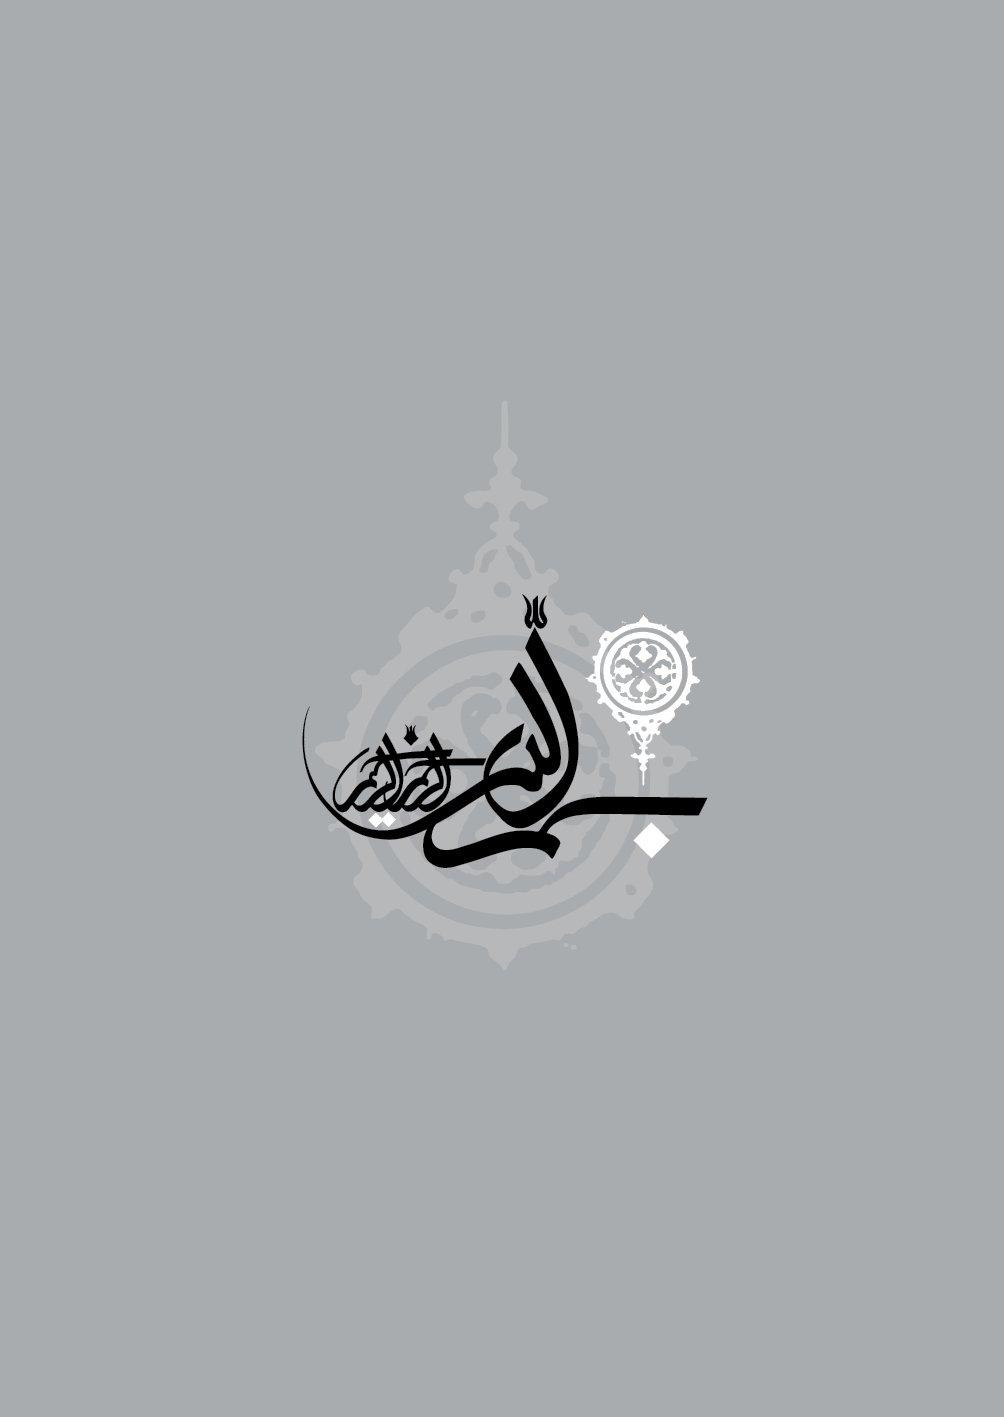 نمونه بسم الله برای قالب کتاب در indesign